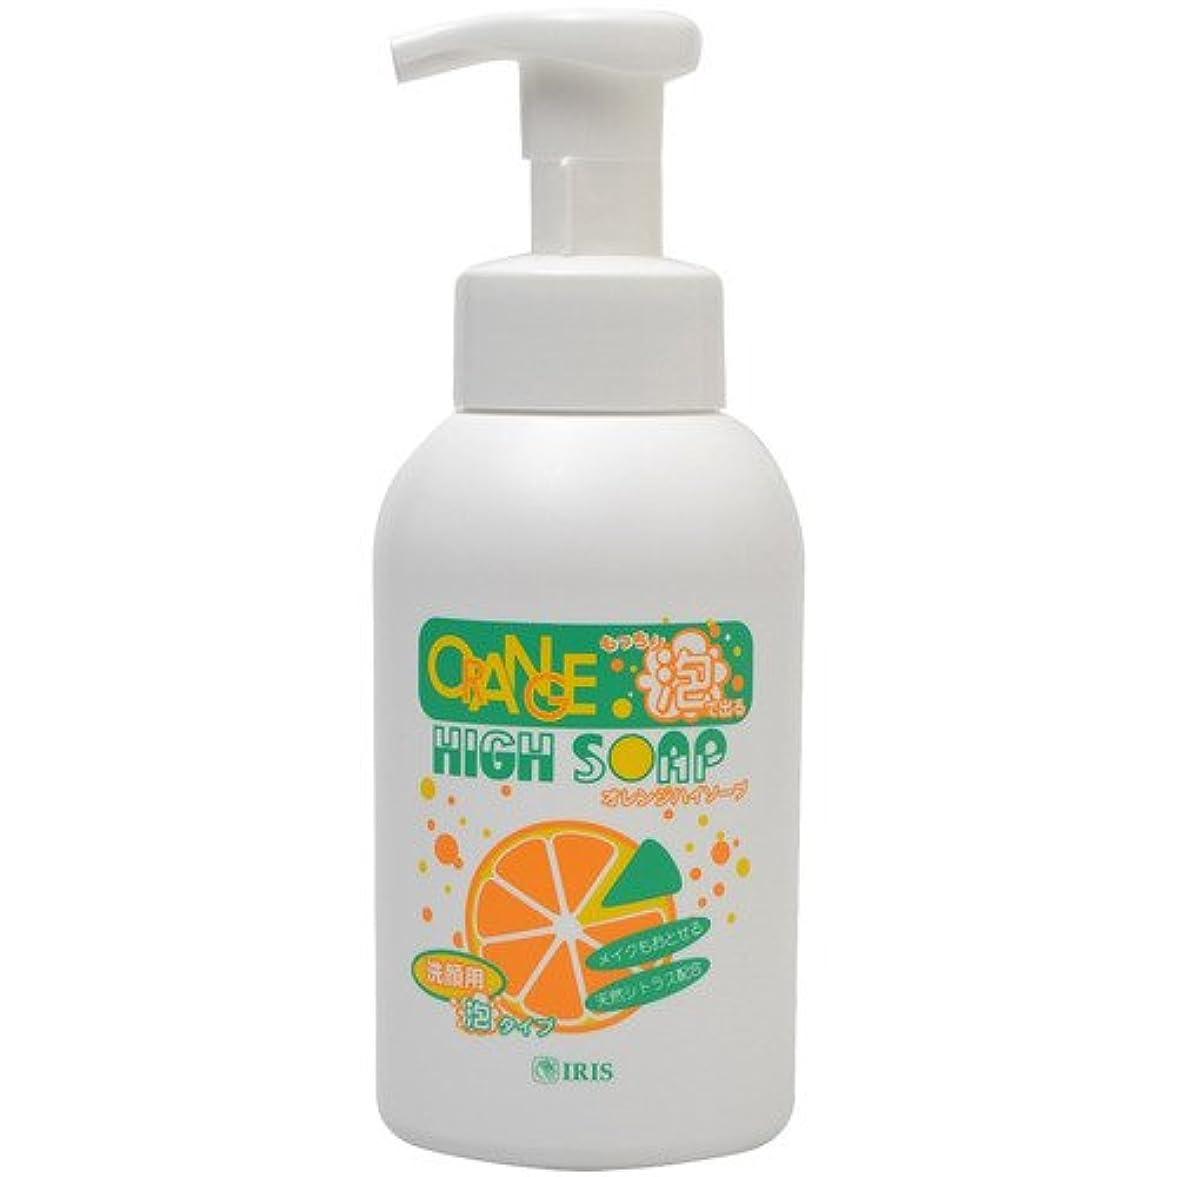 やさしくペア願望オレンジハイソープ 洗顔用 泡タイプ ポンプ式 400ml